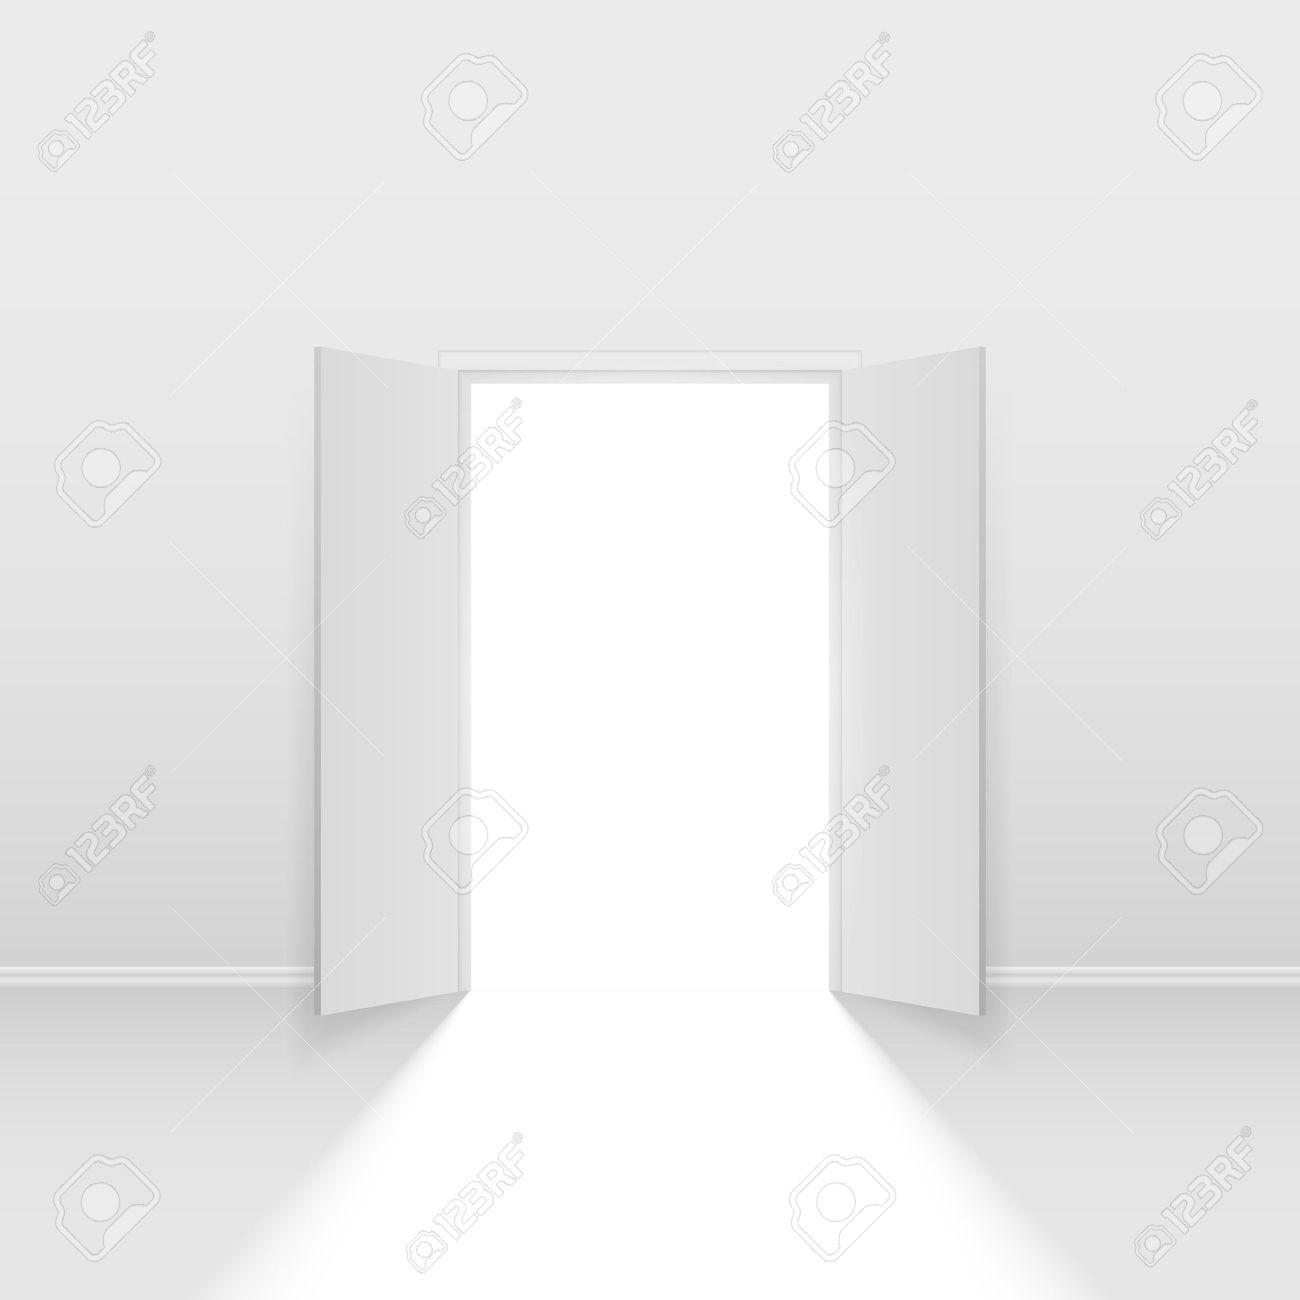 Double door clipart - Double Door Clipart 15